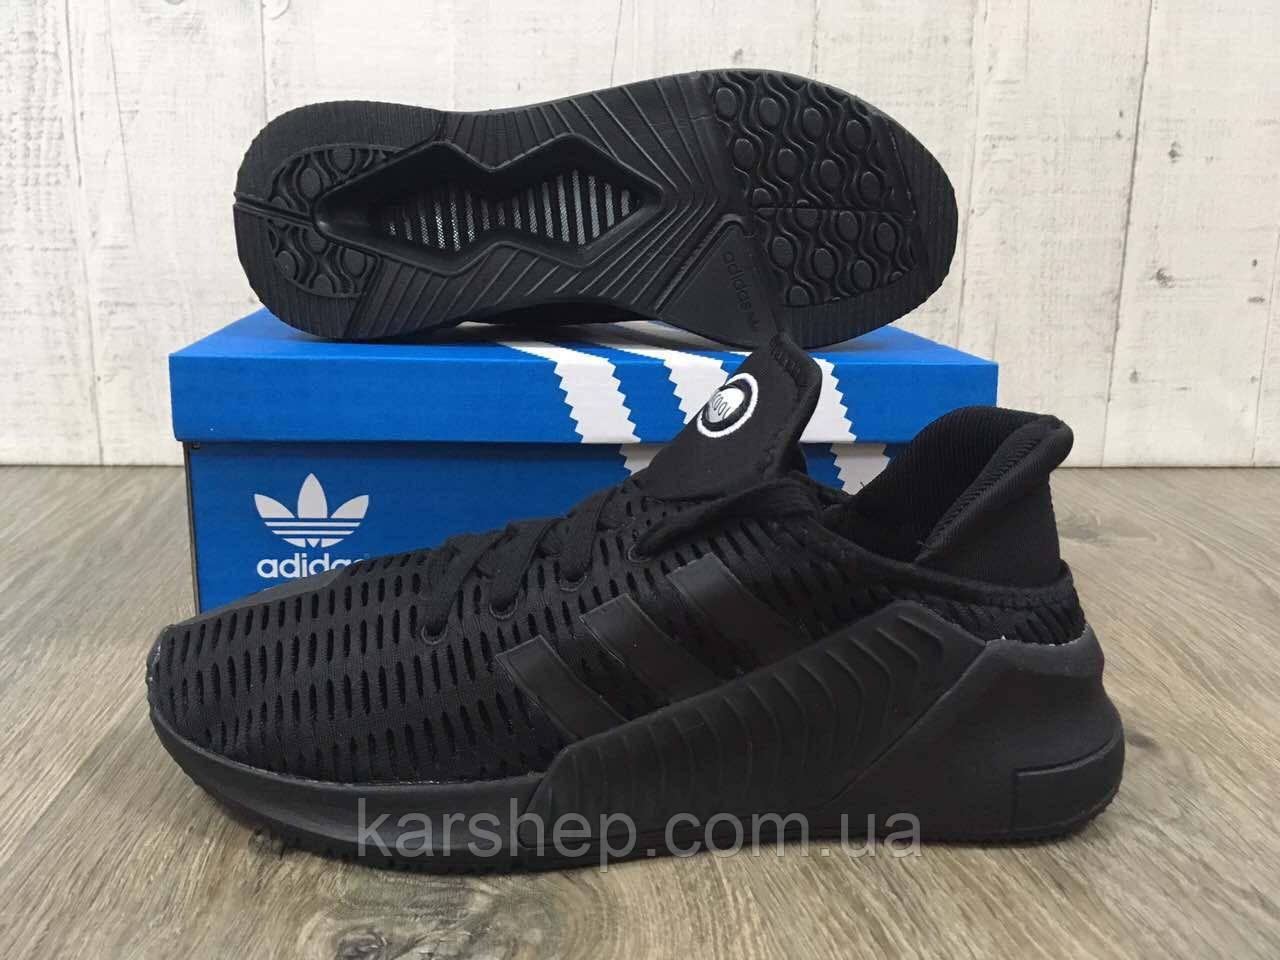 Мужские кроссовки Adidas Clima Cool черного цвета.копия